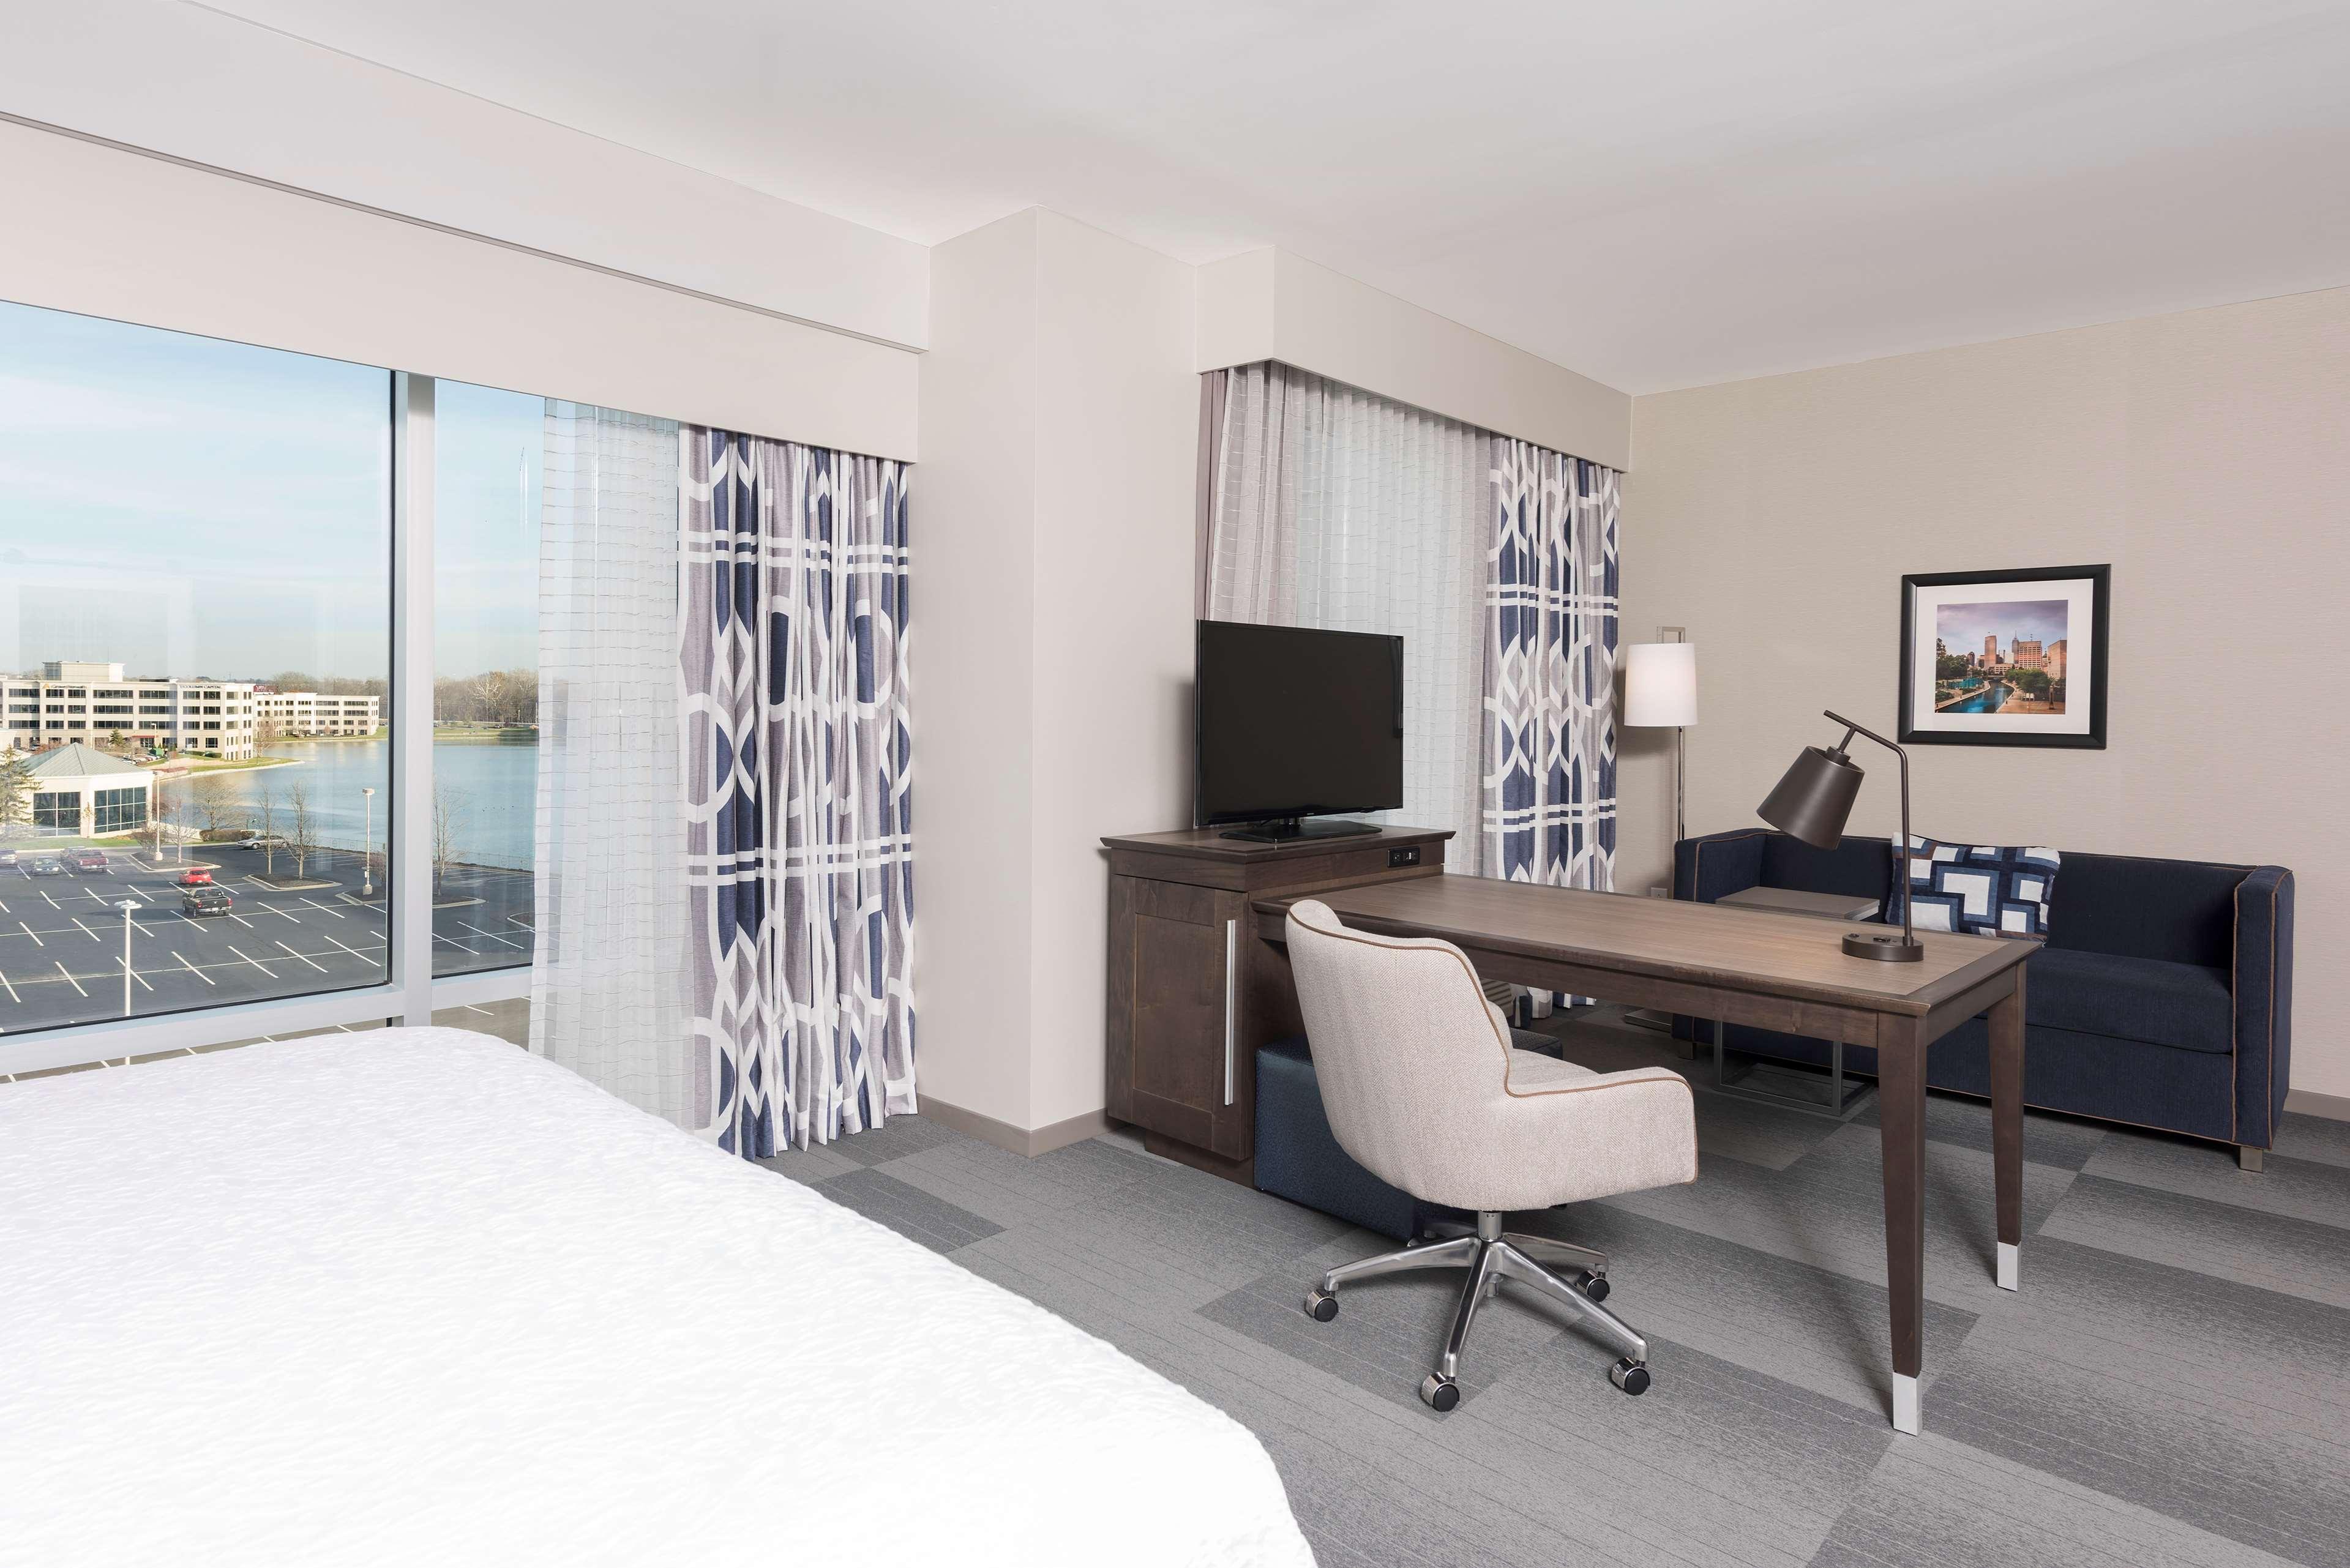 Hampton Inn & Suites Indianapolis-Keystone image 15